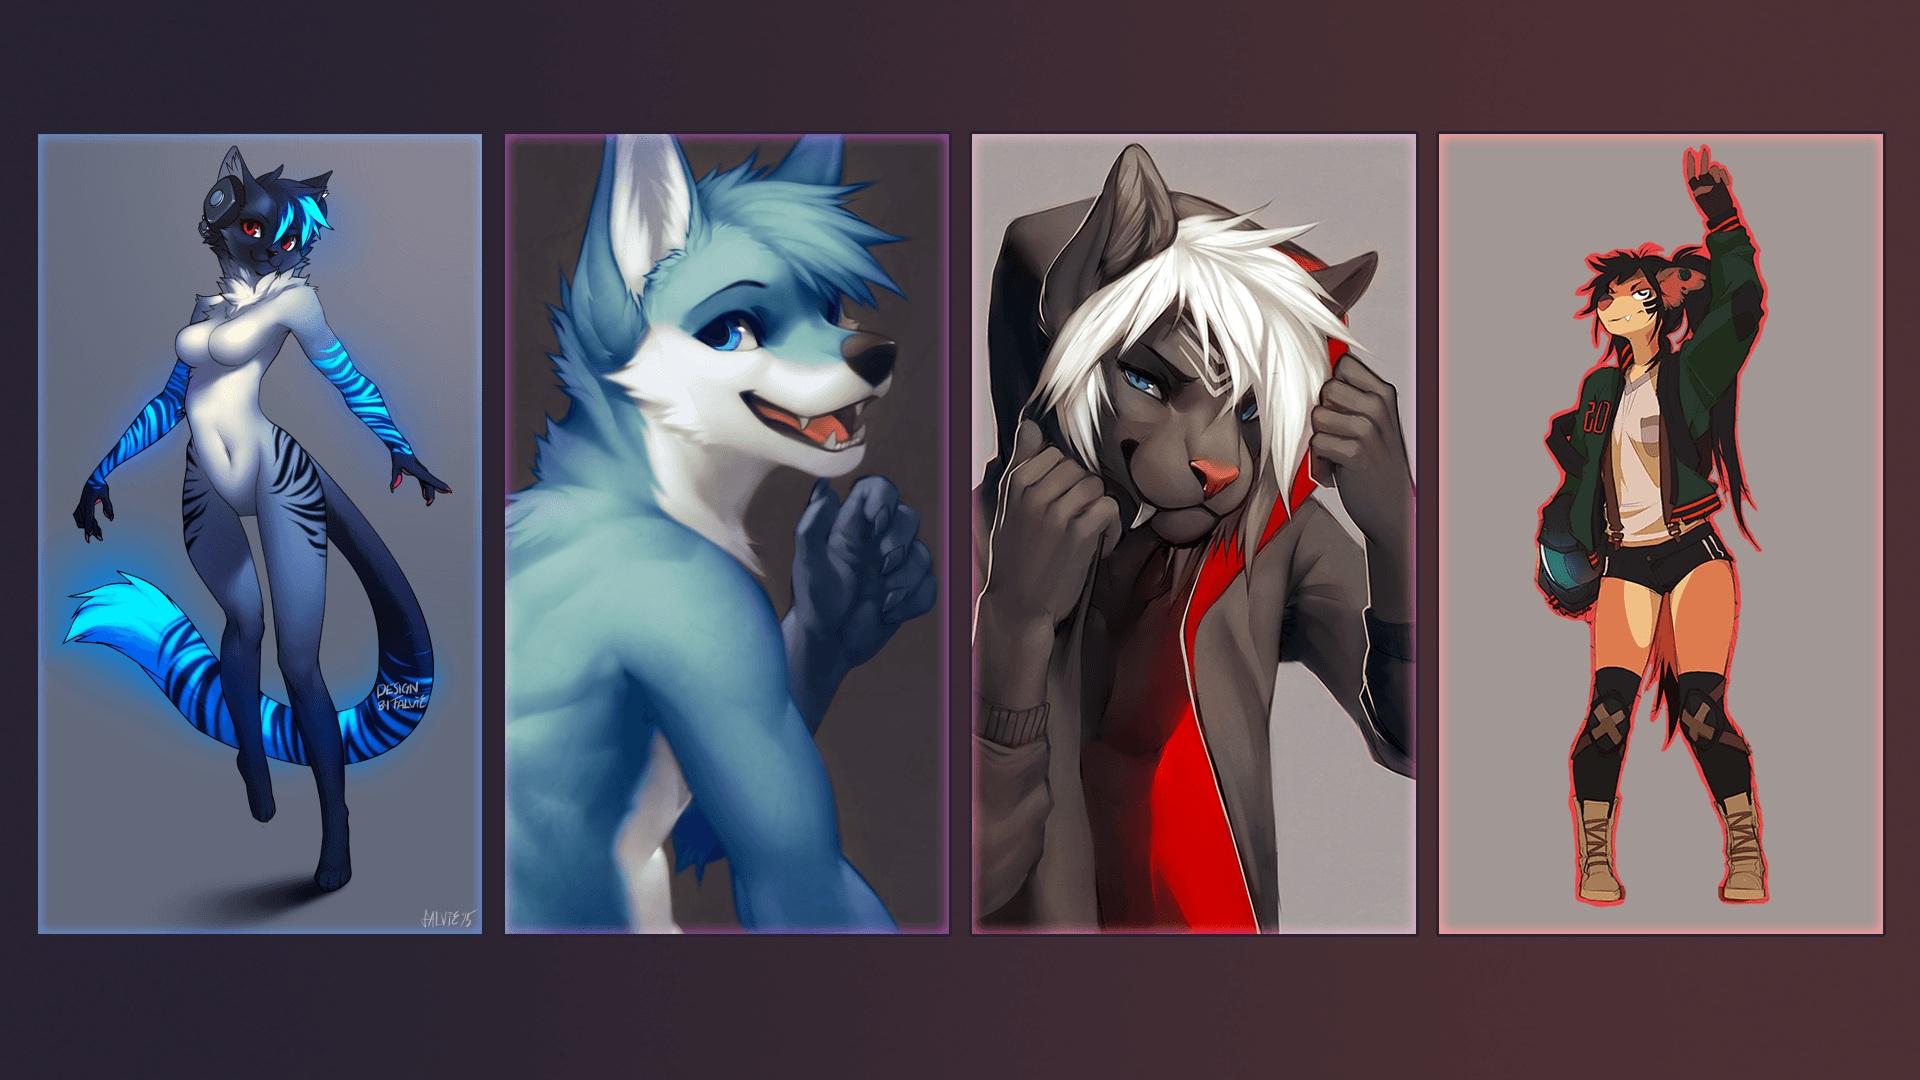 furry art wallpaper